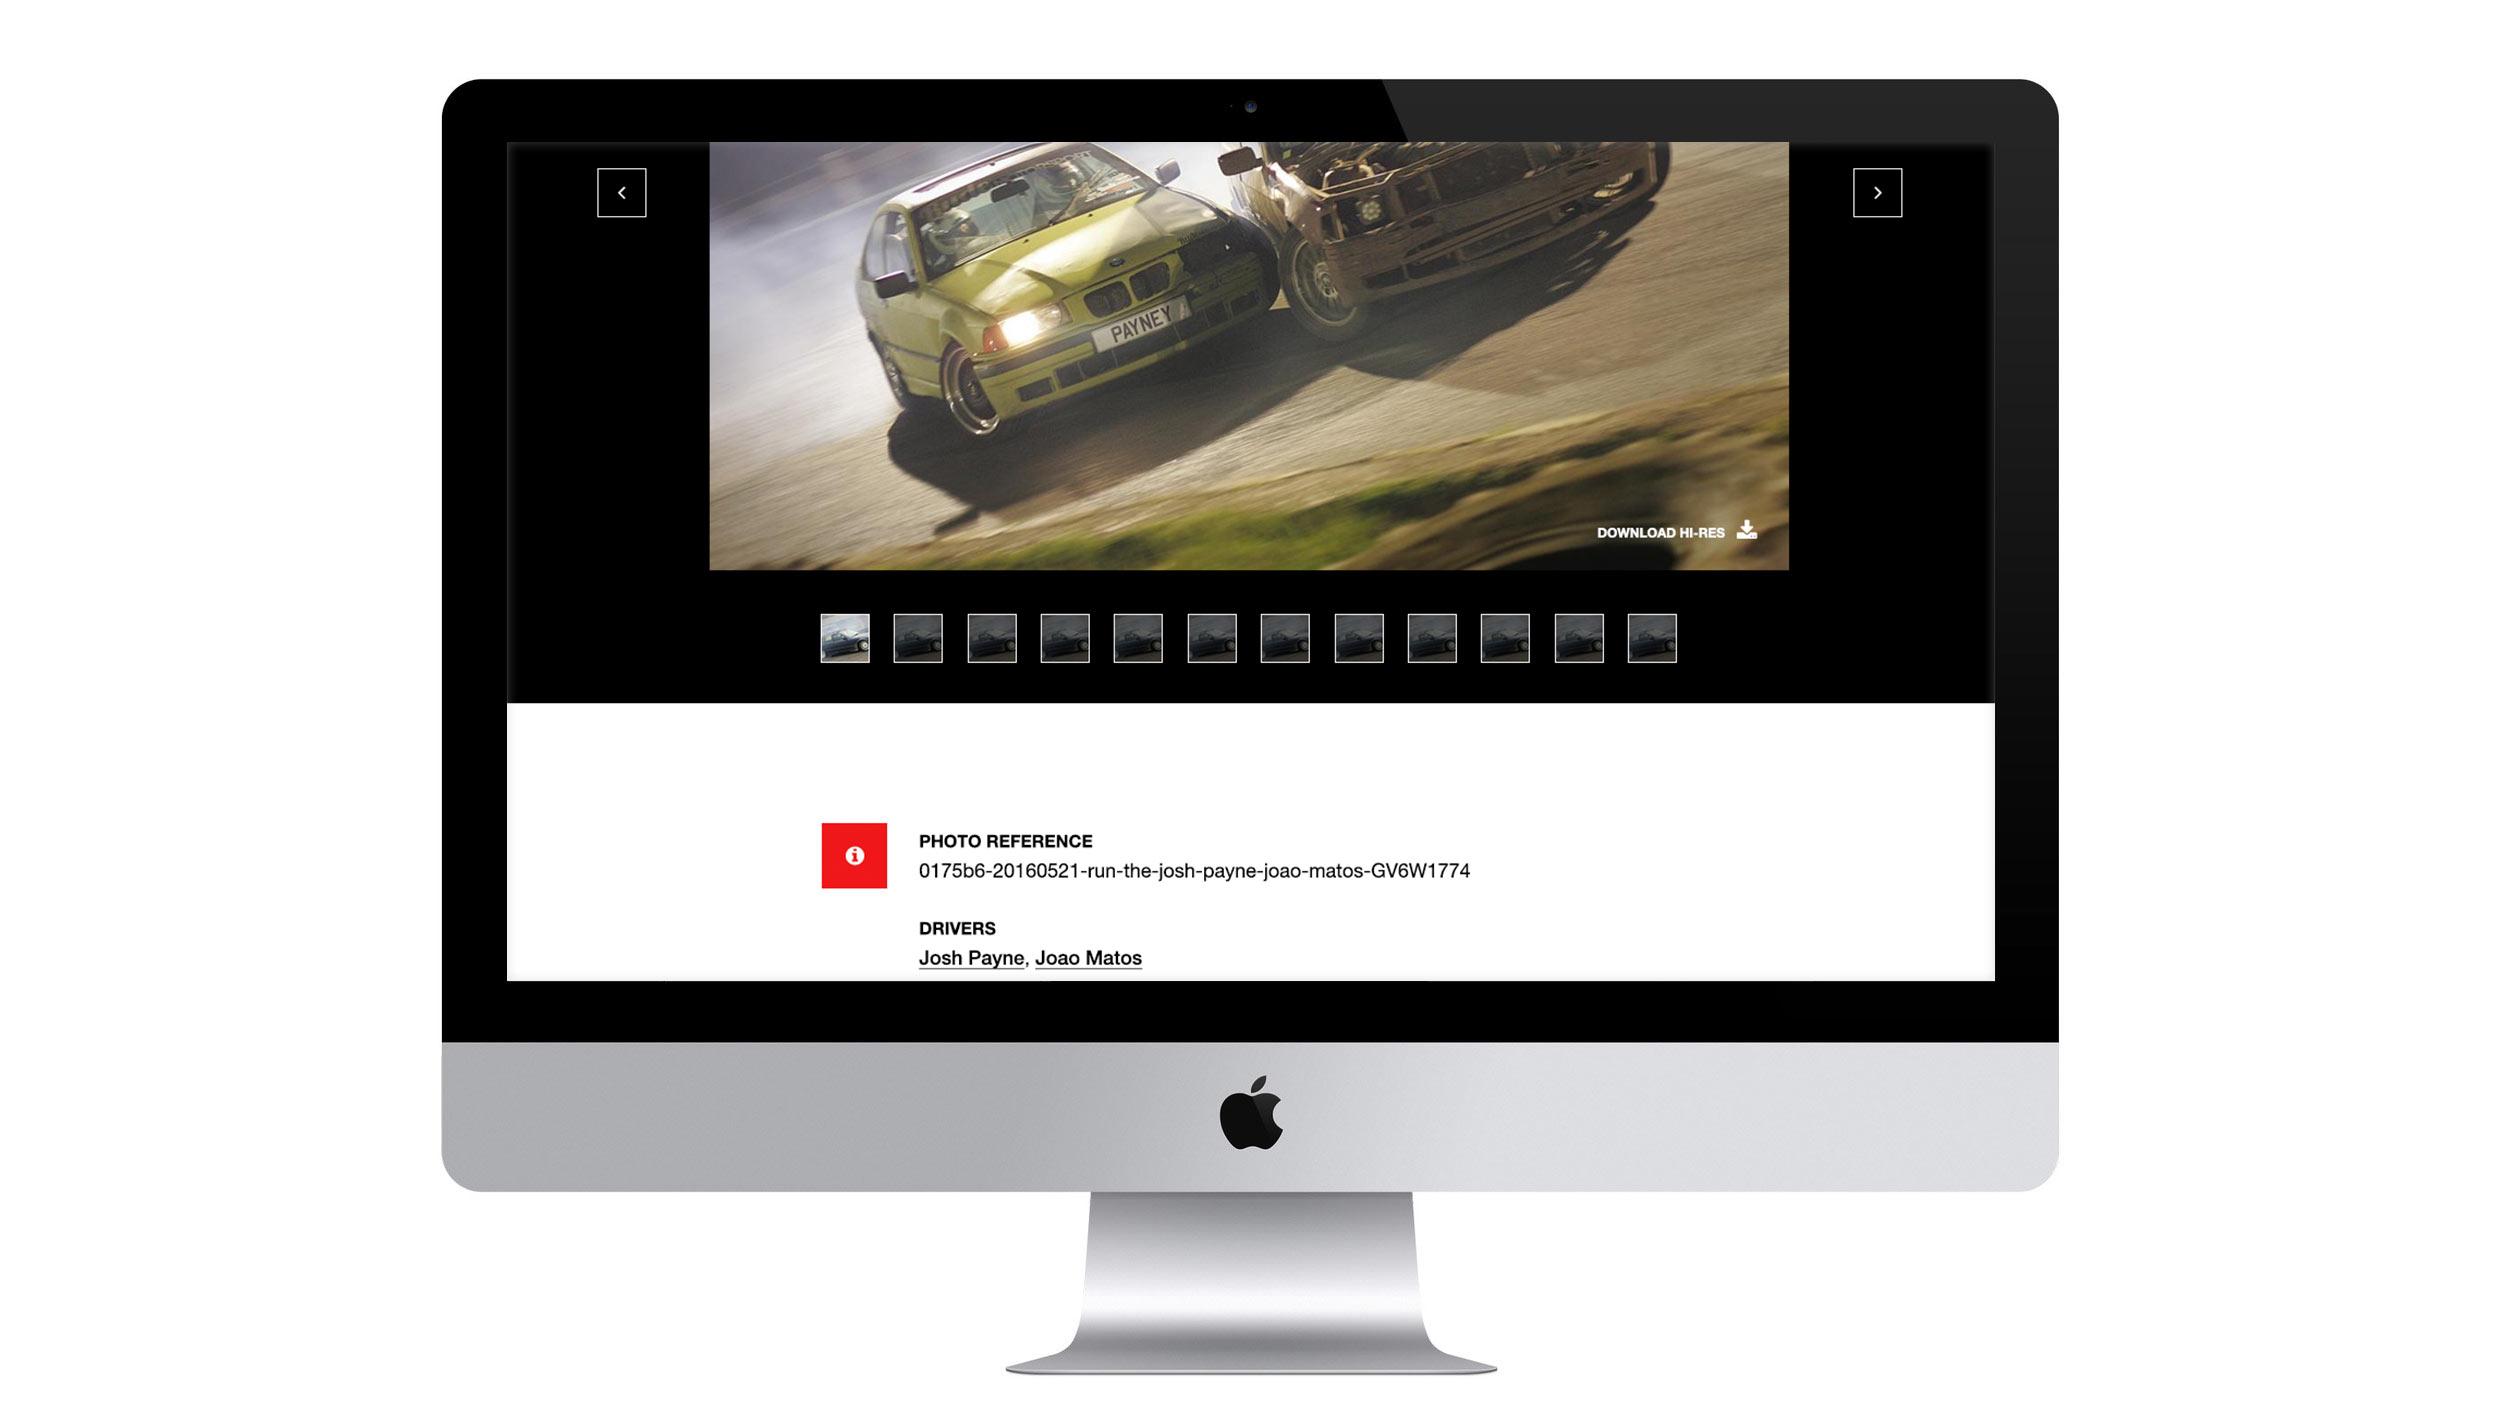 Lewis Collard's Horsepower website